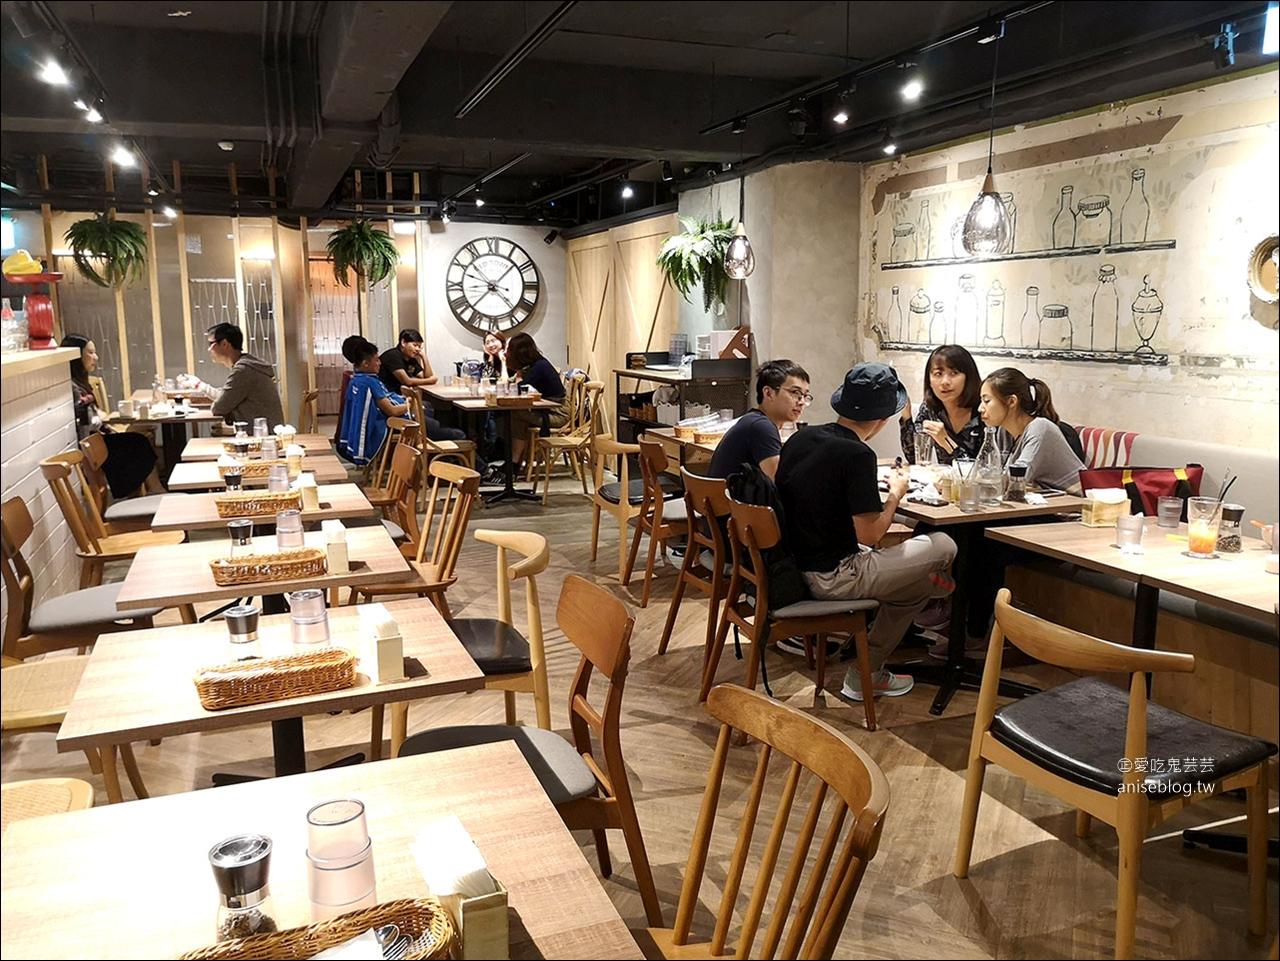 請請義大利餐廳逸仙店 | 料好實在、美味份量大,飯友們都超滿意!